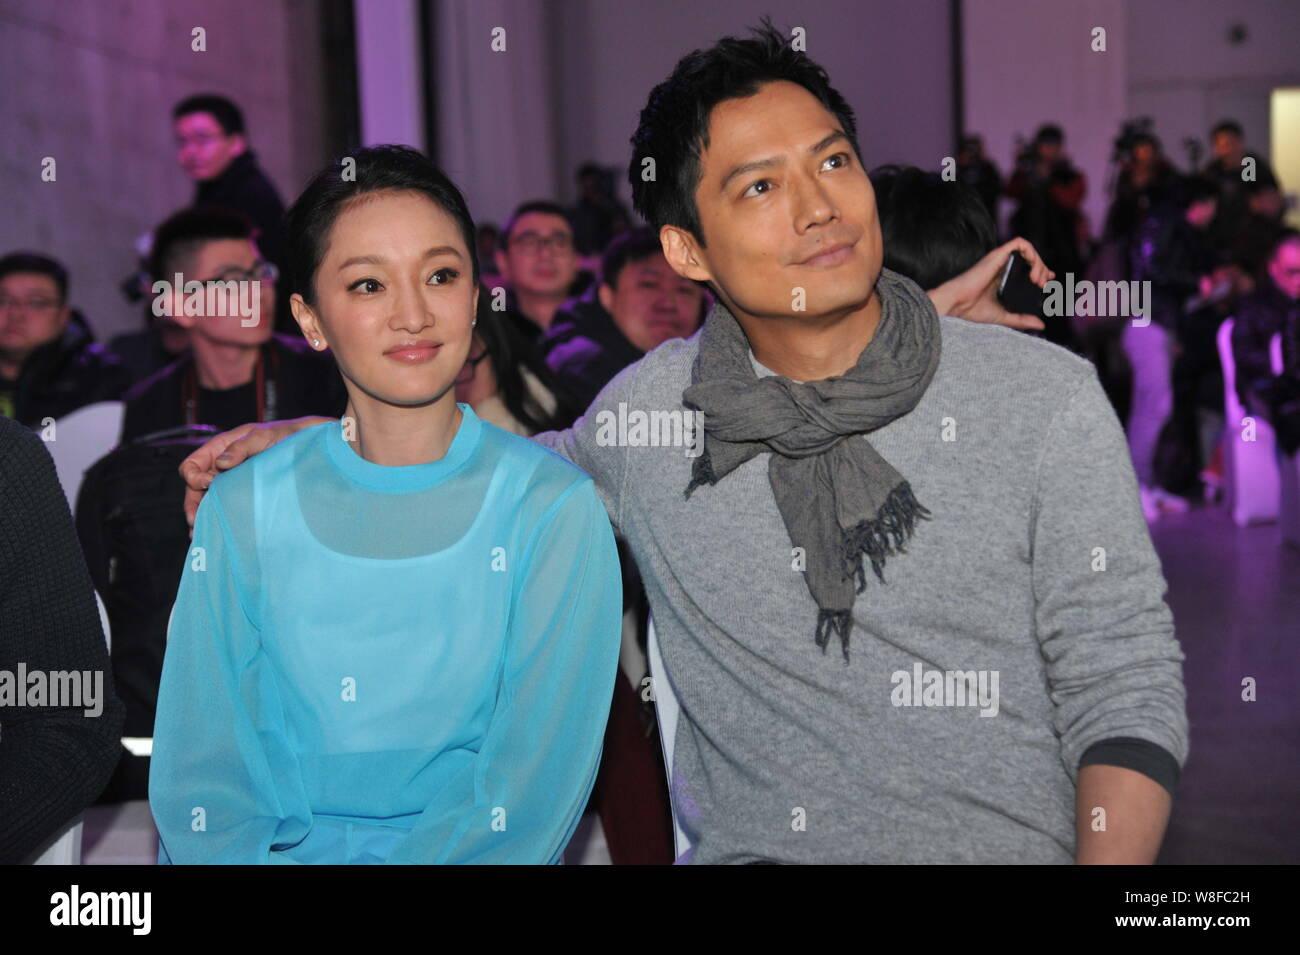 La actriz china Zhou Xun, frontal y su marido, el actor norteamericano Archie Kao, asistir a un evento para el estreno de la película 'Dream micro escapar' para promover Infini Foto de stock